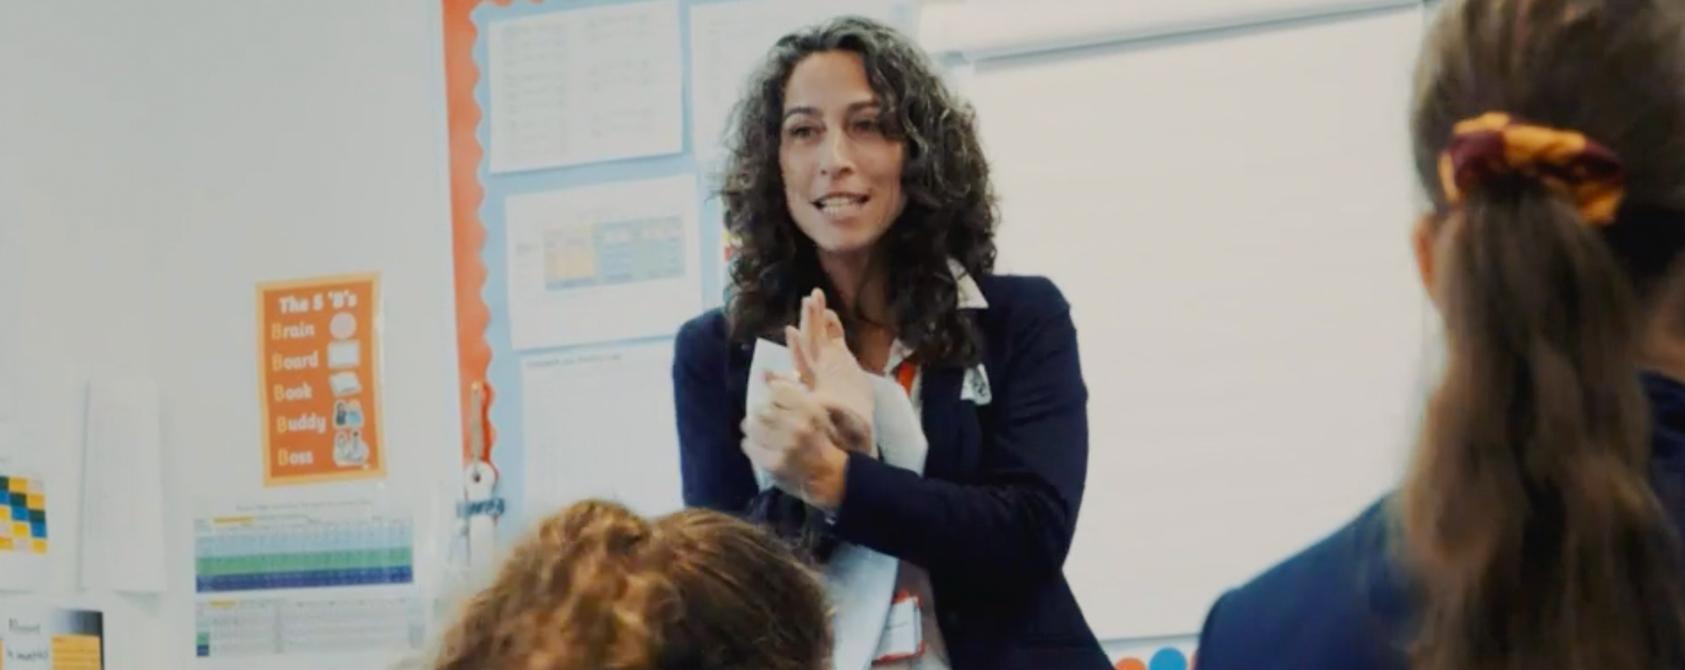 Kate Daniels, Founder of PSHE Education